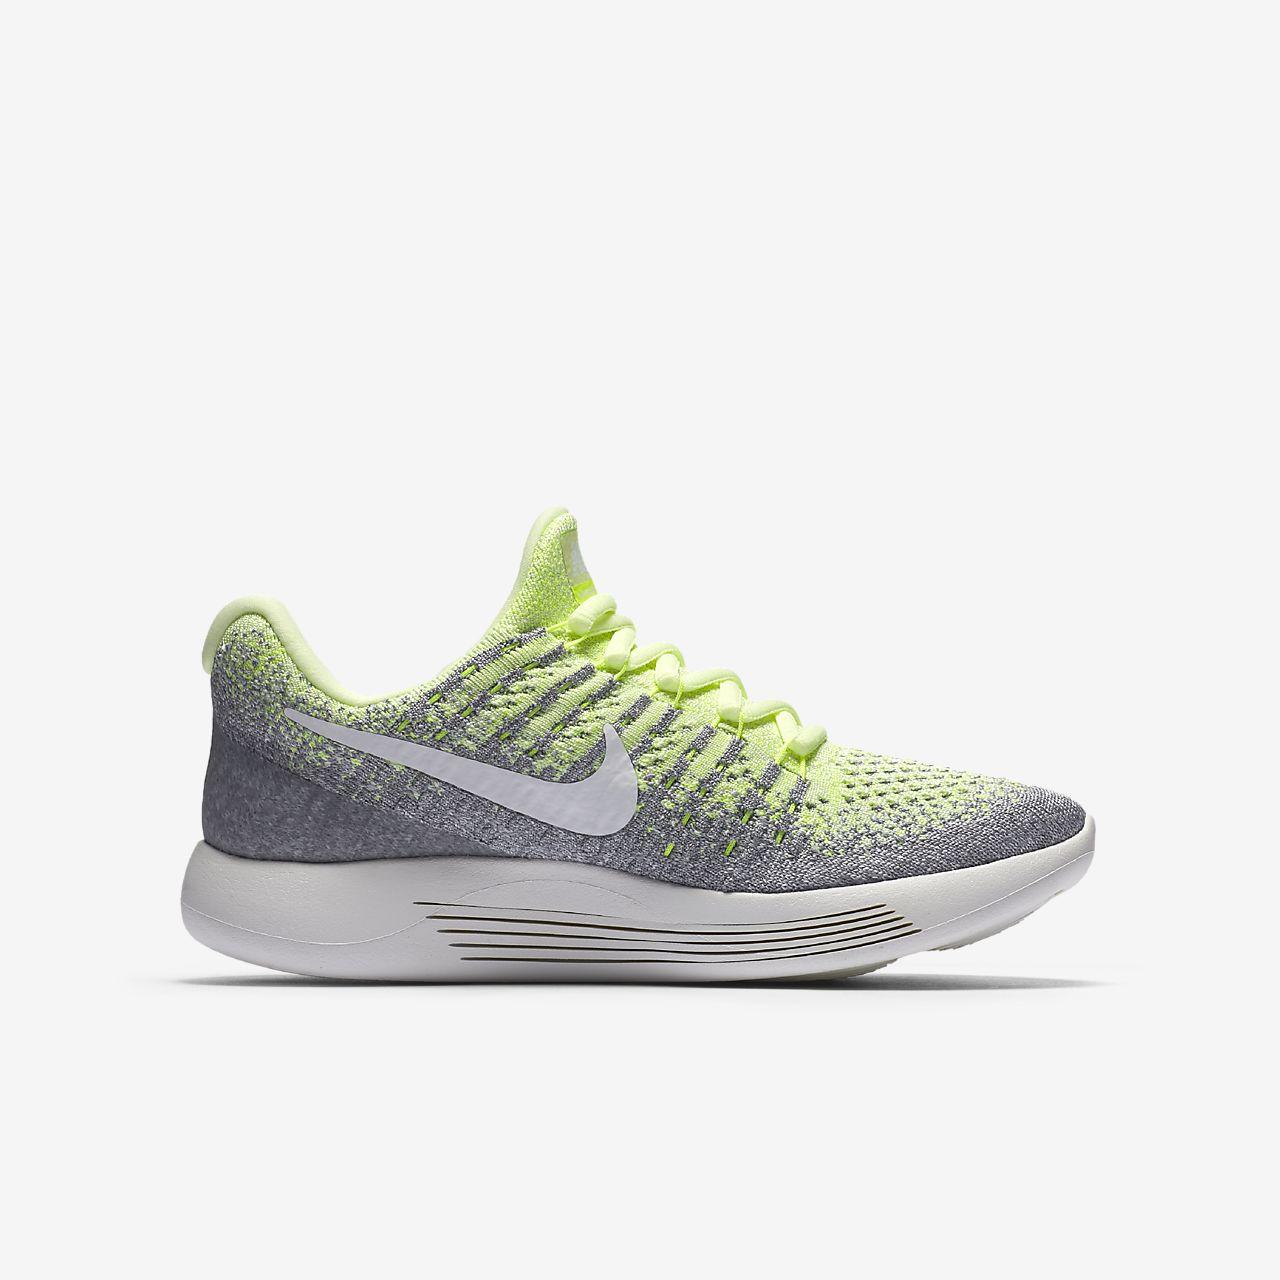 Nike Chaussures De Course Épique Lunar Bas Flyknit 2 - Enfants Noir / Blanc / Gris ntvy4u69o